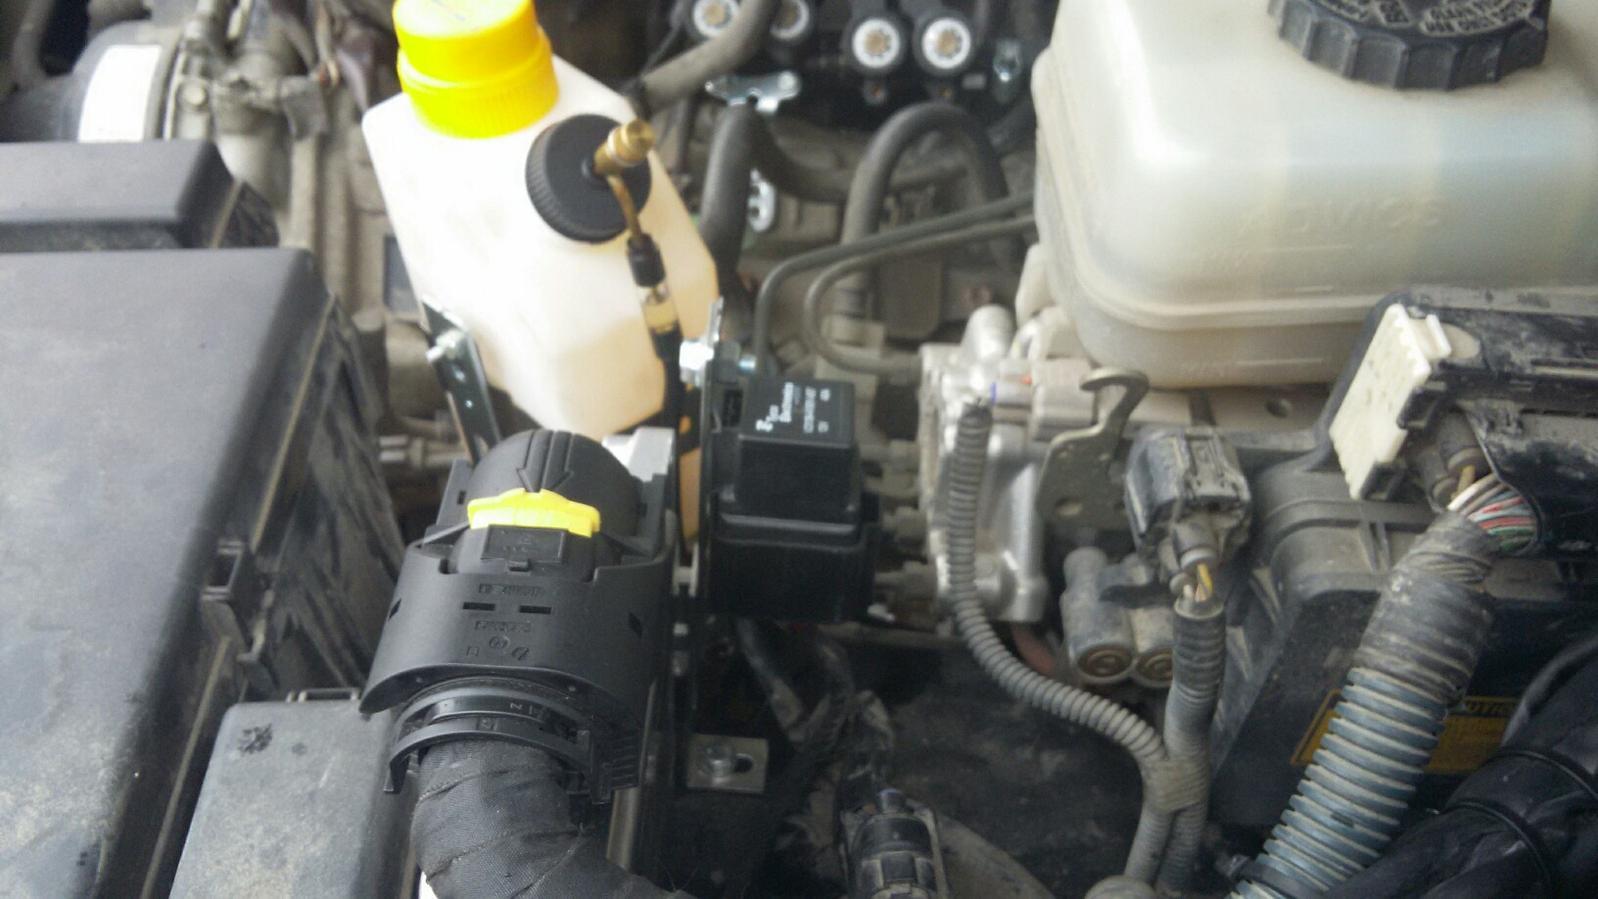 converting the 2UZ-FE (V8) to LPG gas - Toyota 4Runner Forum